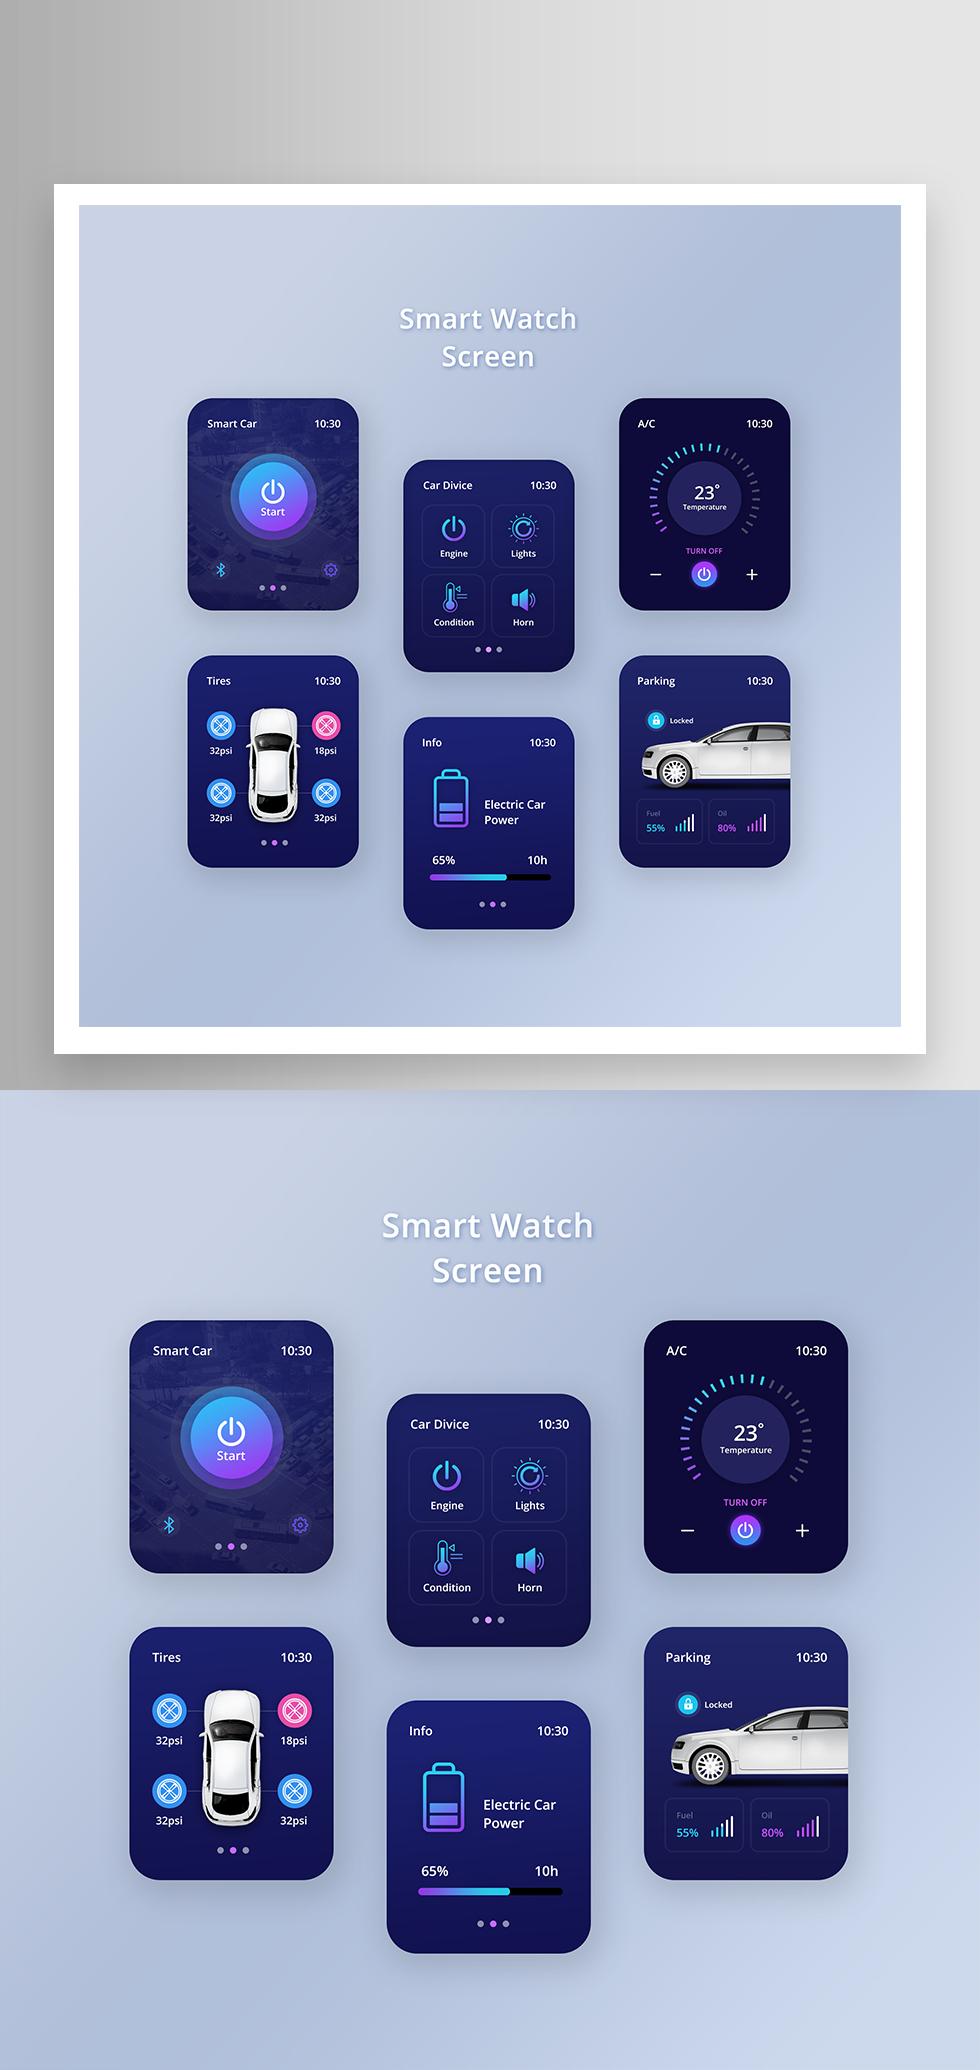 简约智能手表UI界面设计素材15